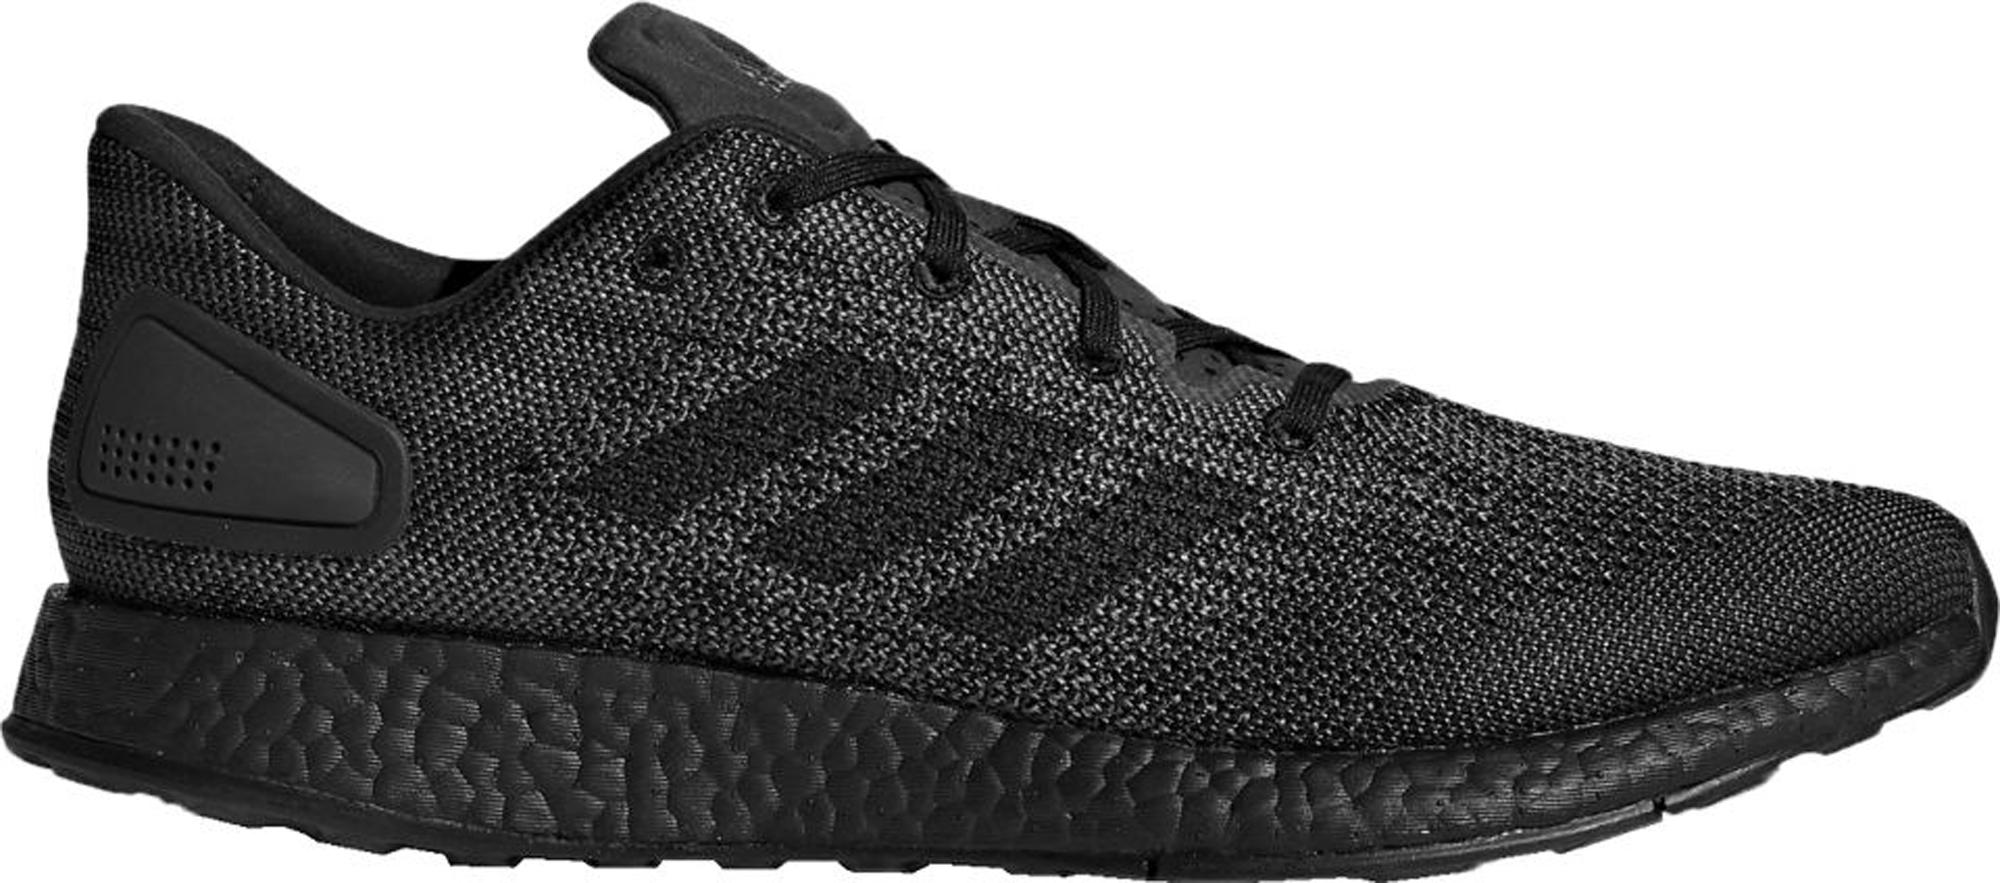 adidas Pureboost DPR Triple Black - BB6303